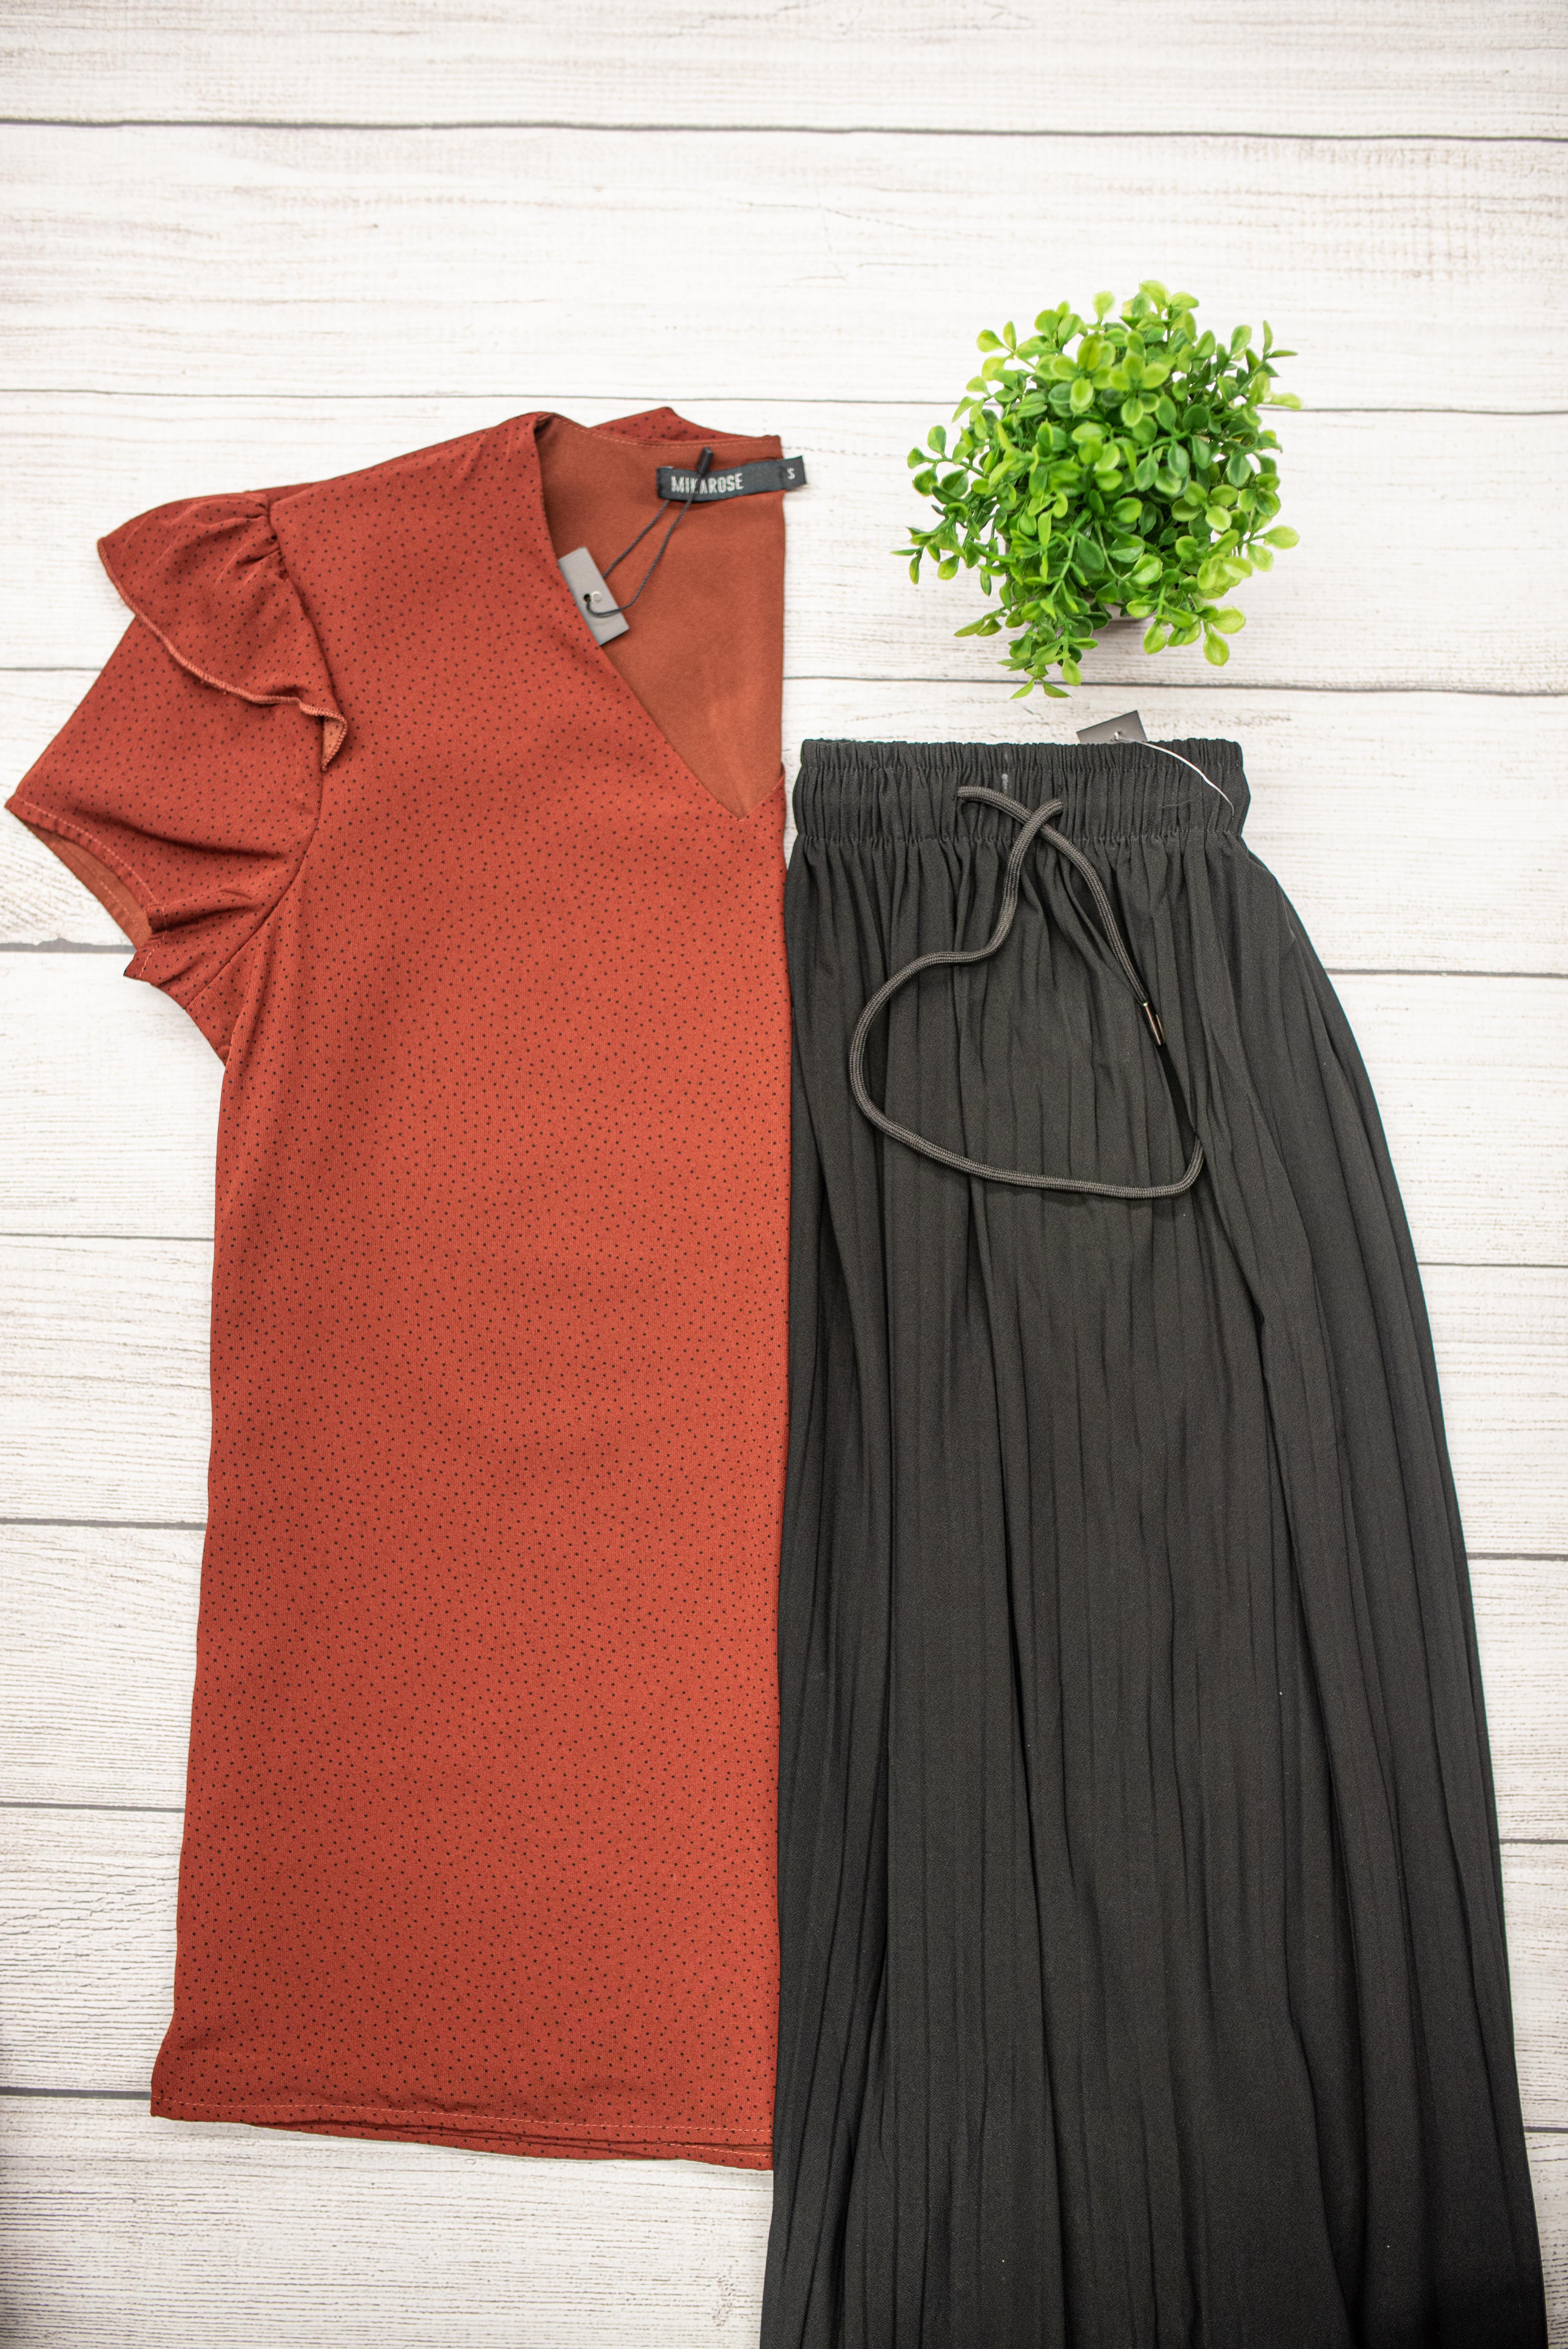 Flutter Sleeve Top & Maxi Skirt